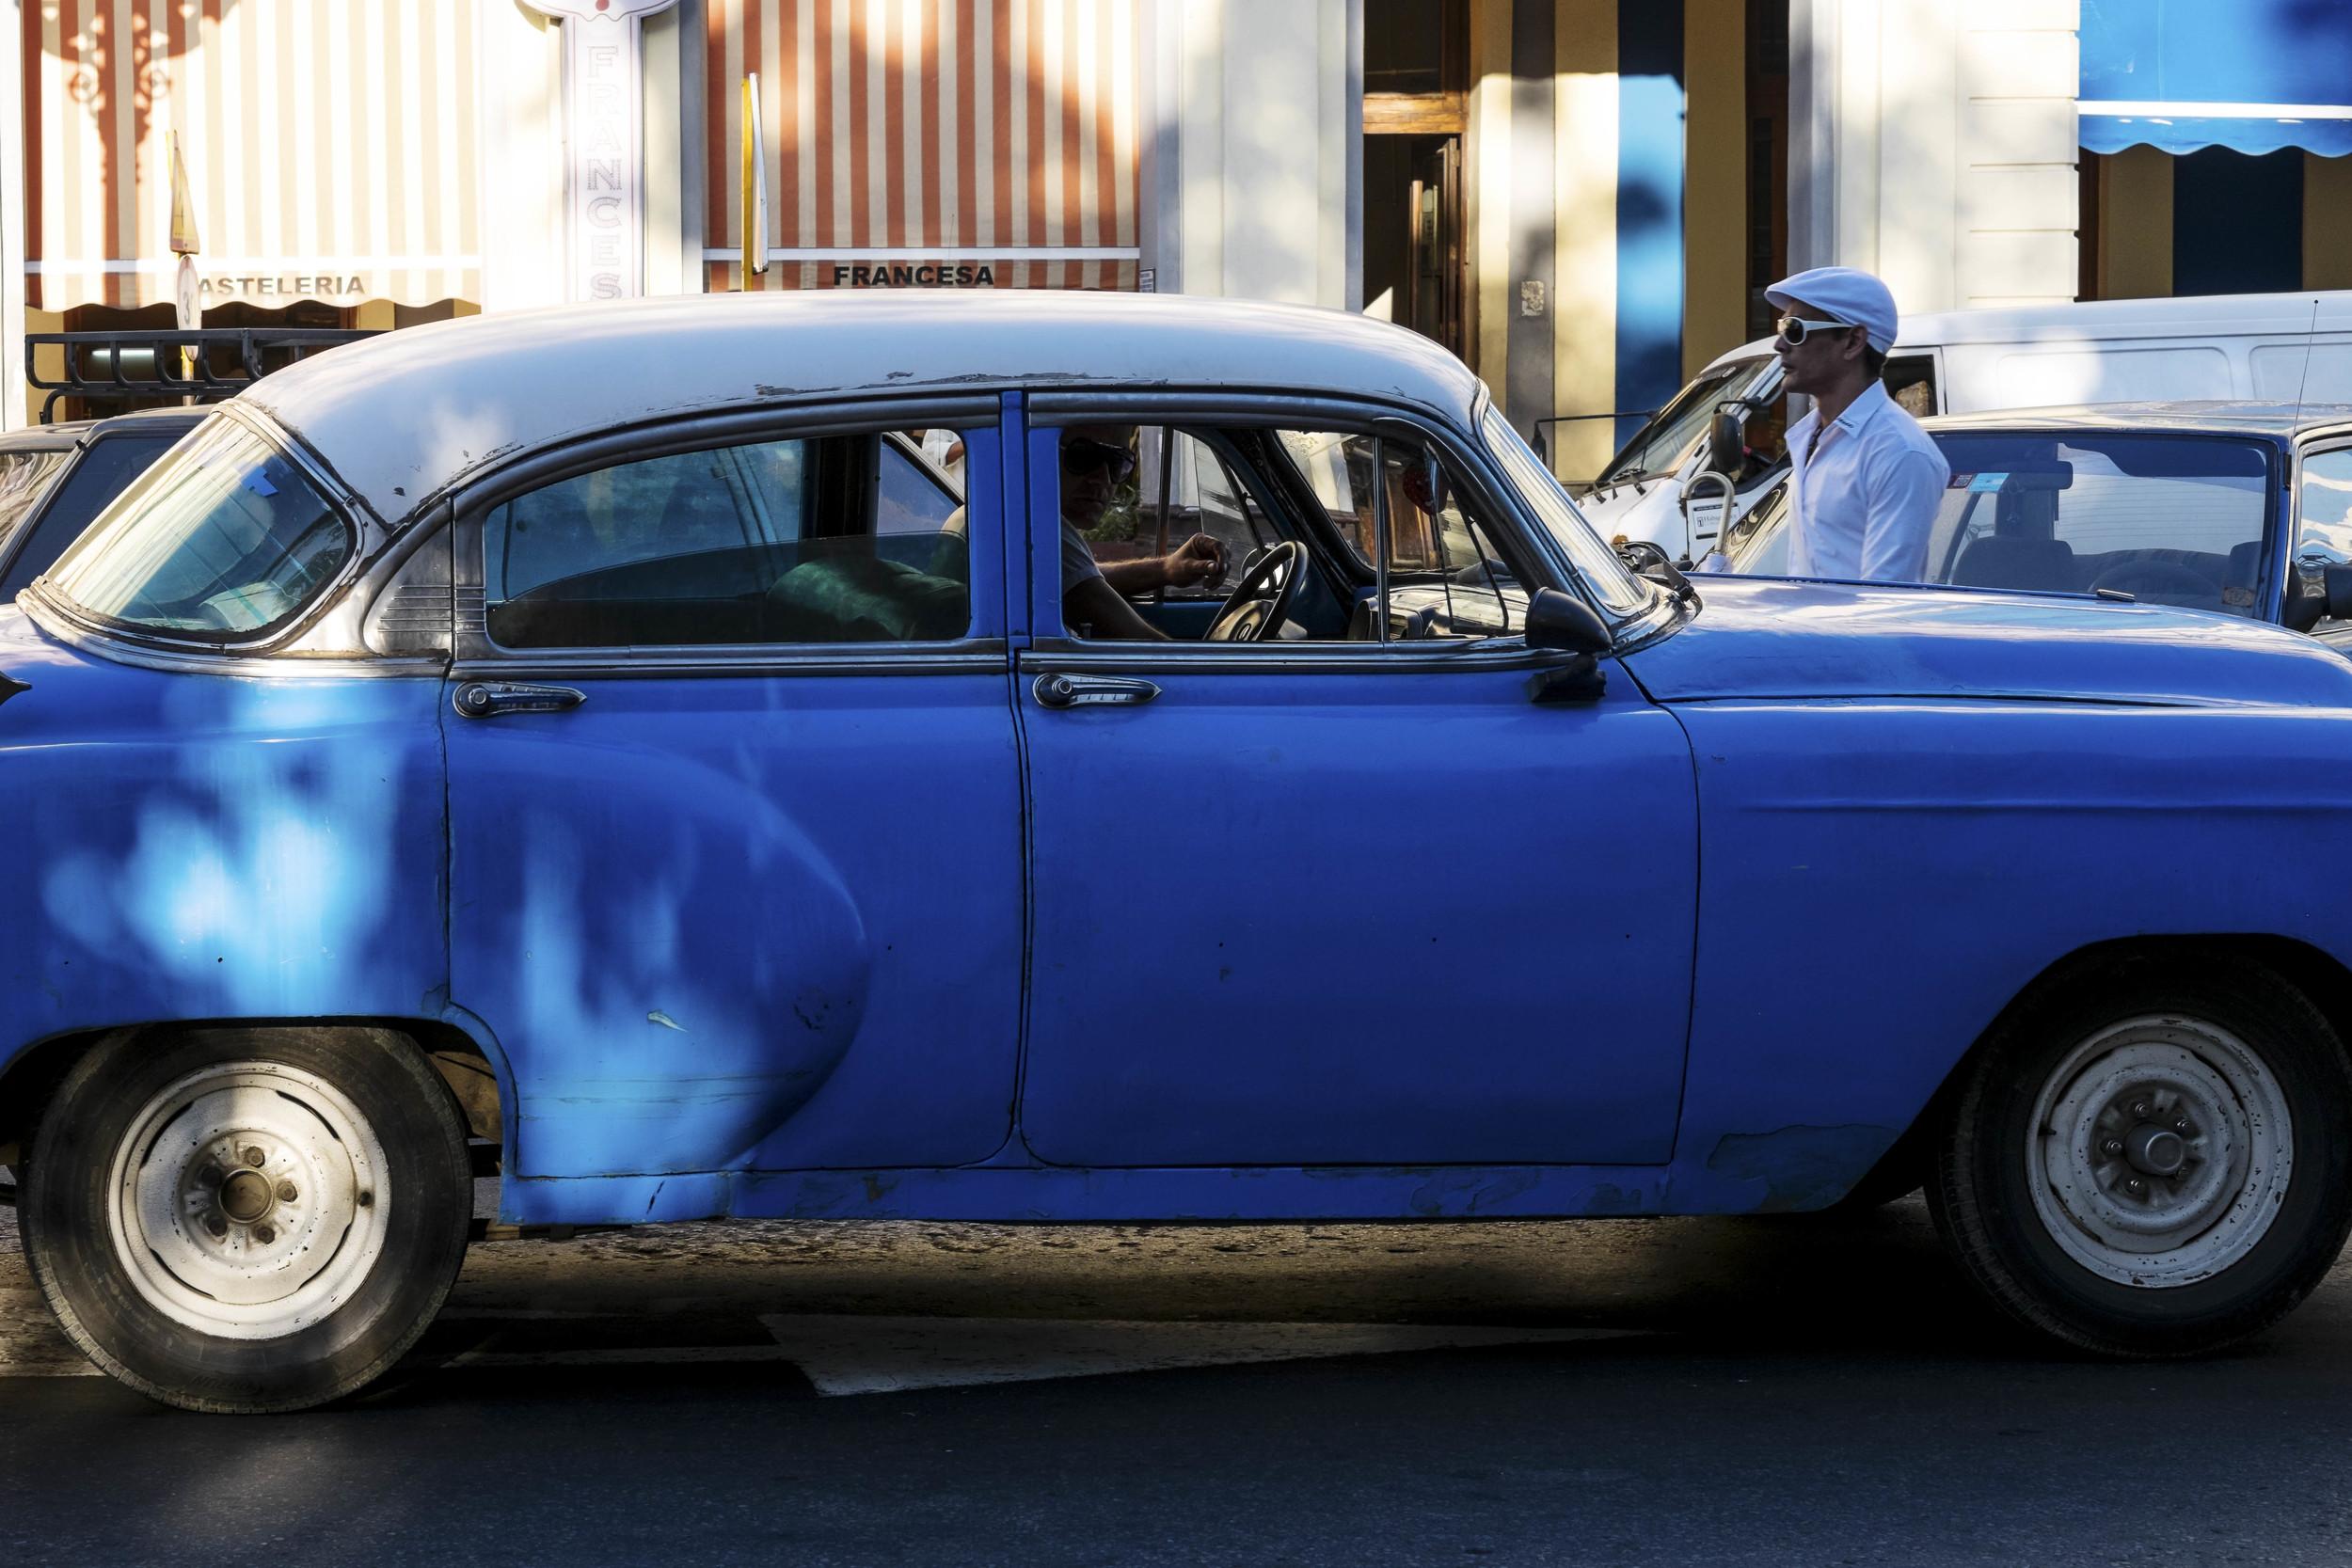 Cuba blog7.jpg